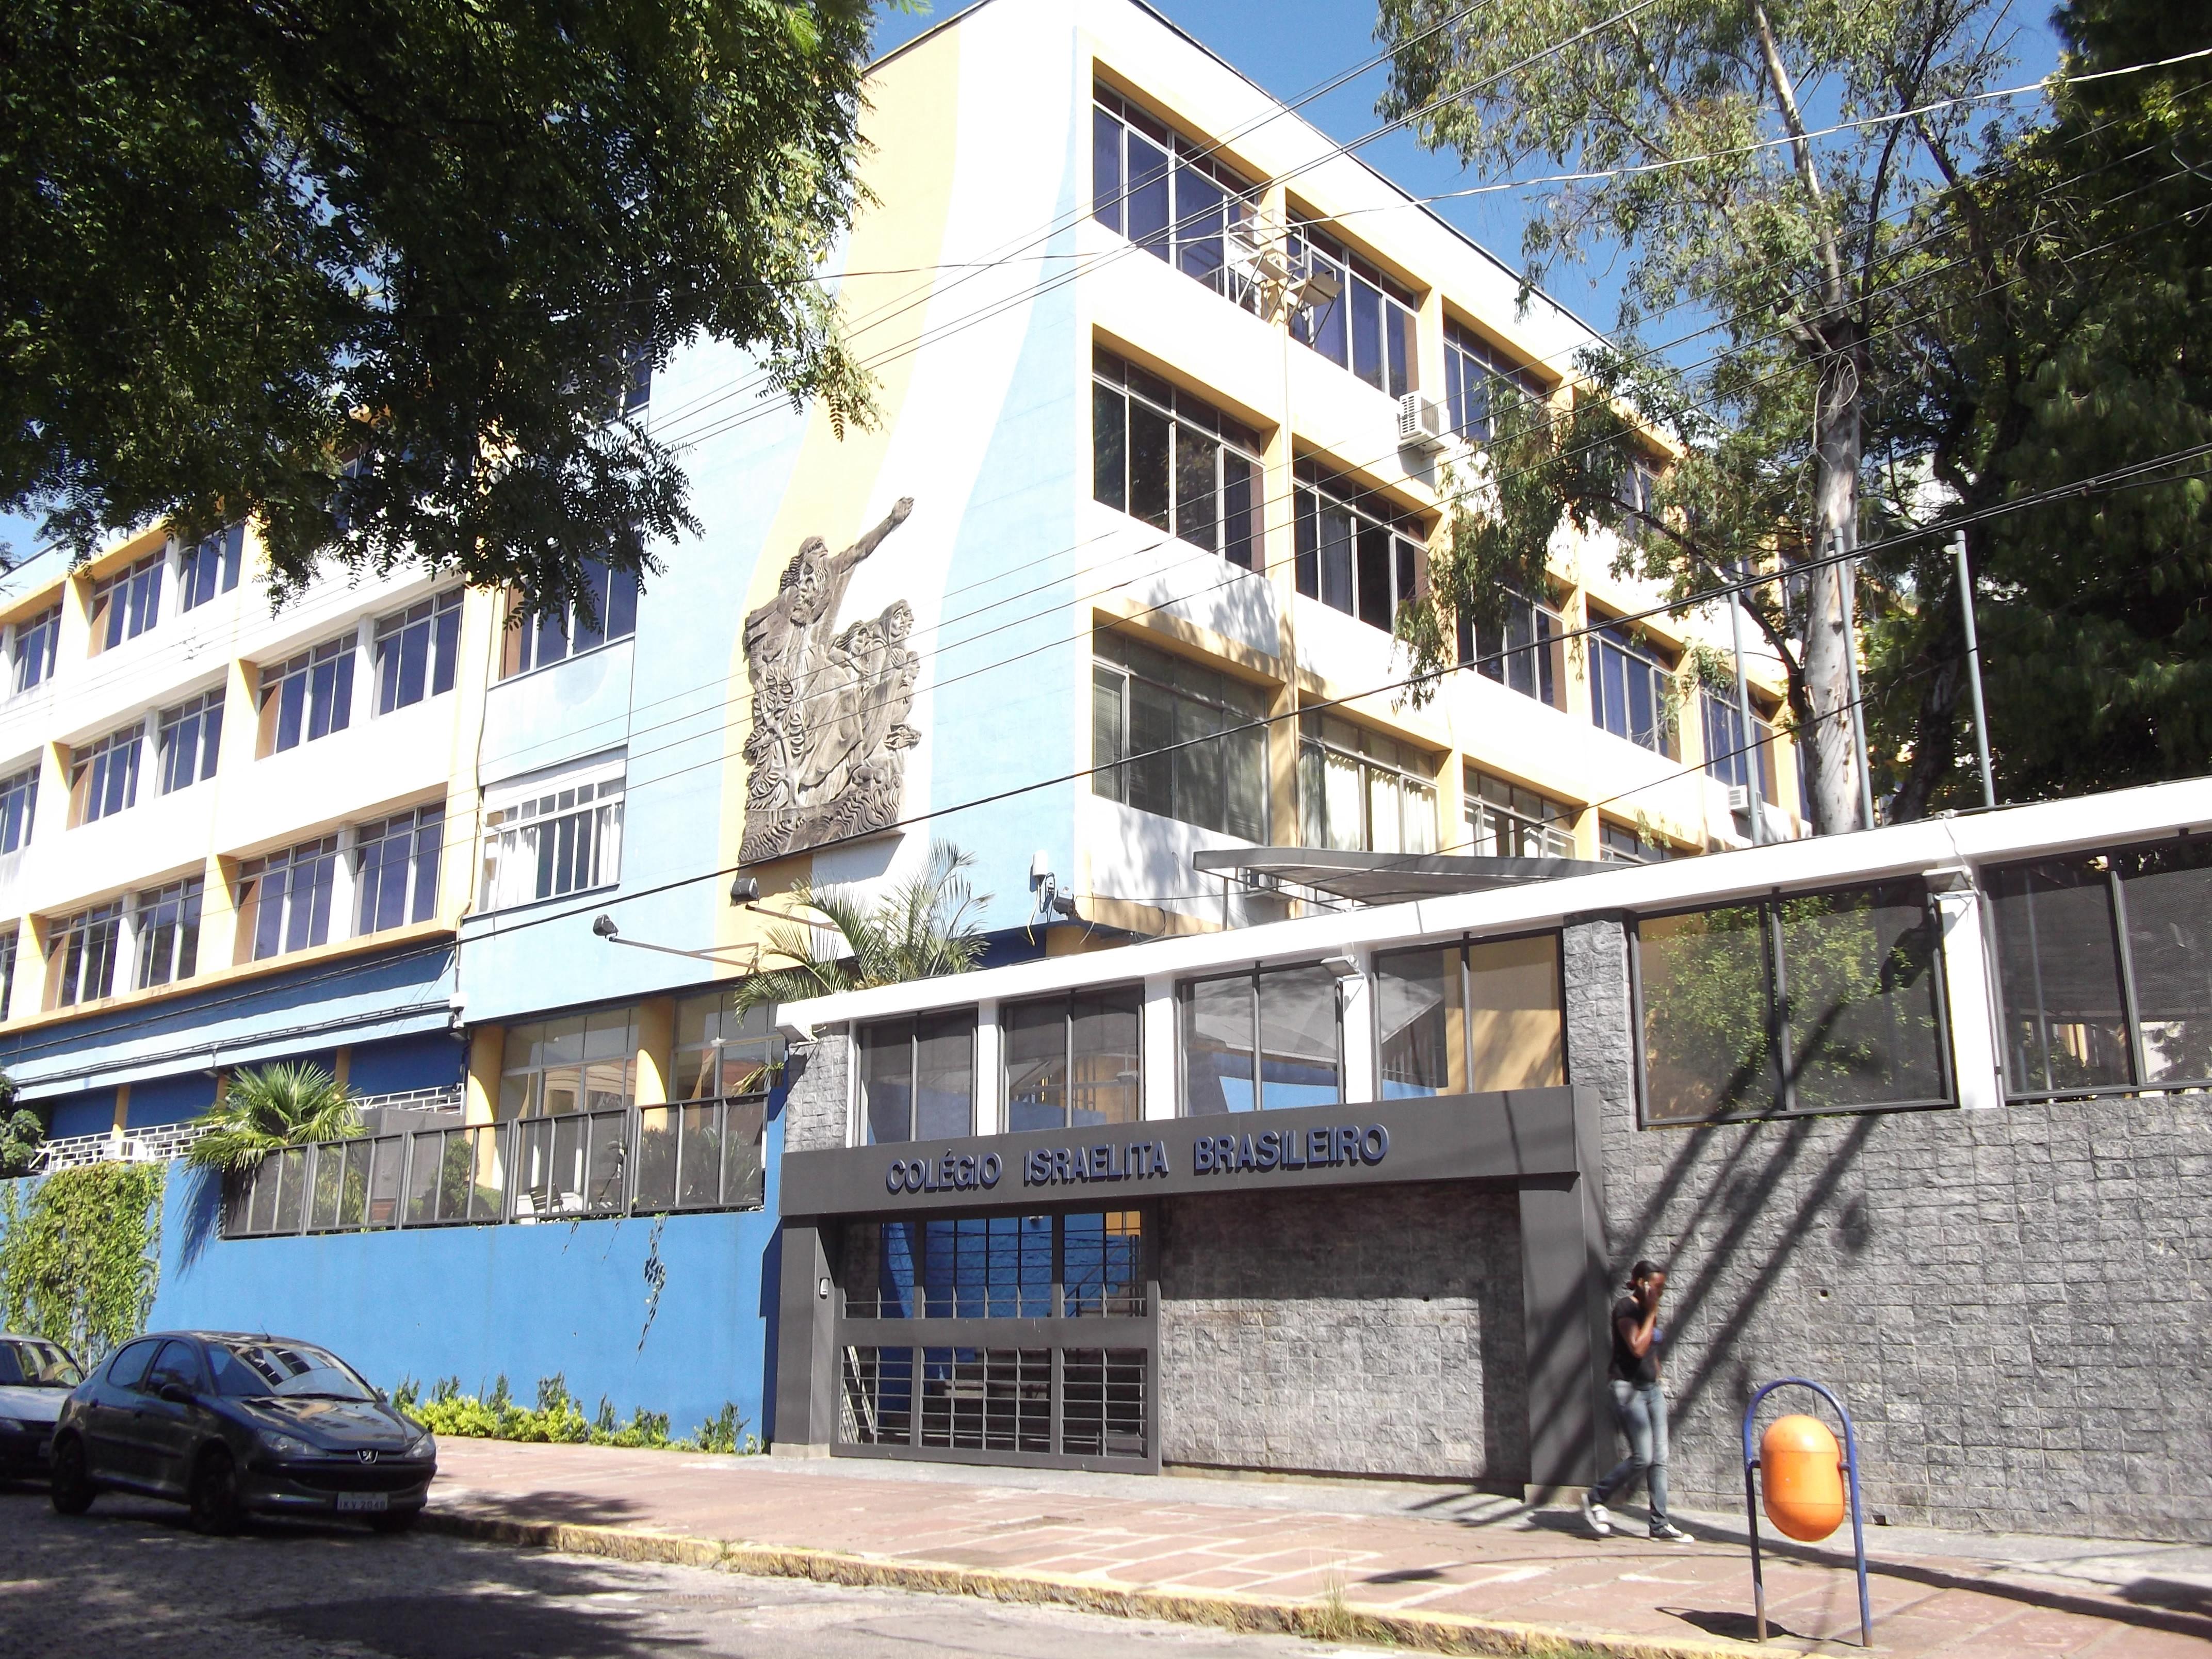 Imagem de Colégio Israelita Brasileiro Imagem 2